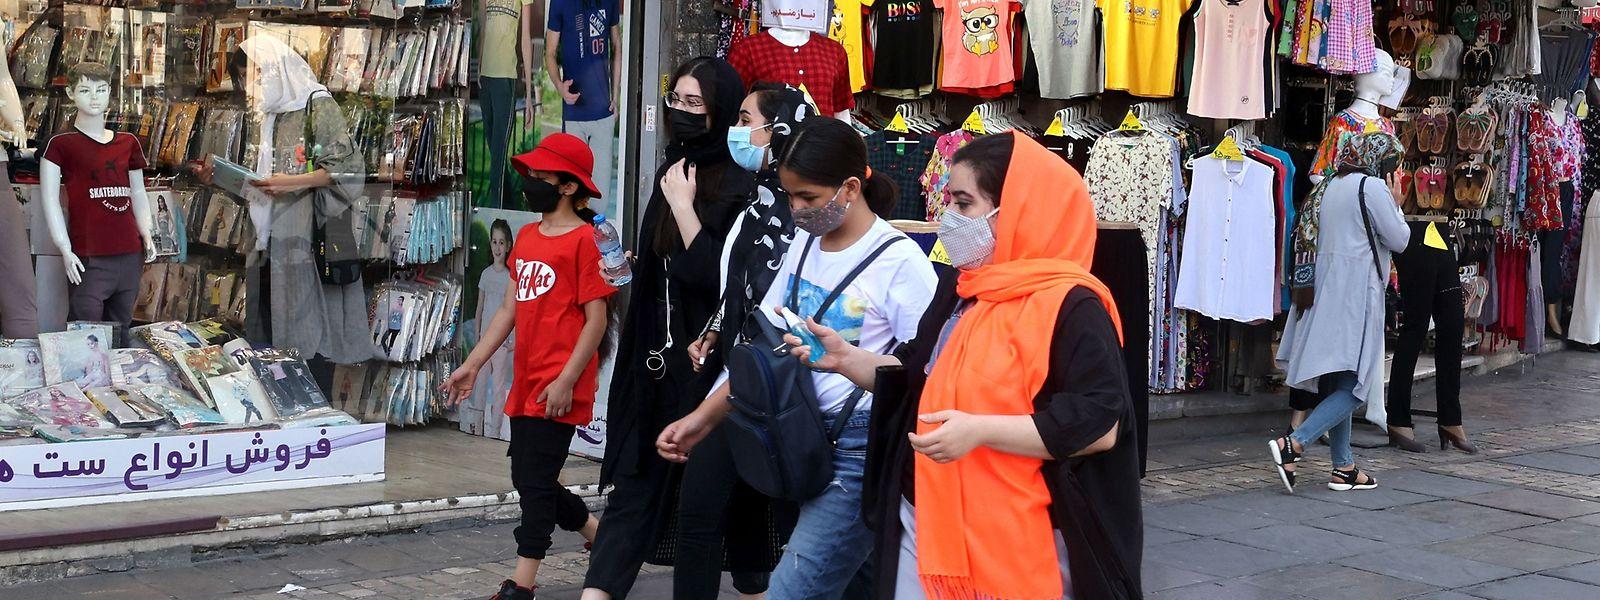 Irans junge Bevölkerung dürfte kaum gewählt haben, nachdem schon lange feststand, wer gewinnen würde. Die wirtschaftliche Lage des Landes sieht mit dem neuen Machthaber düster aus.